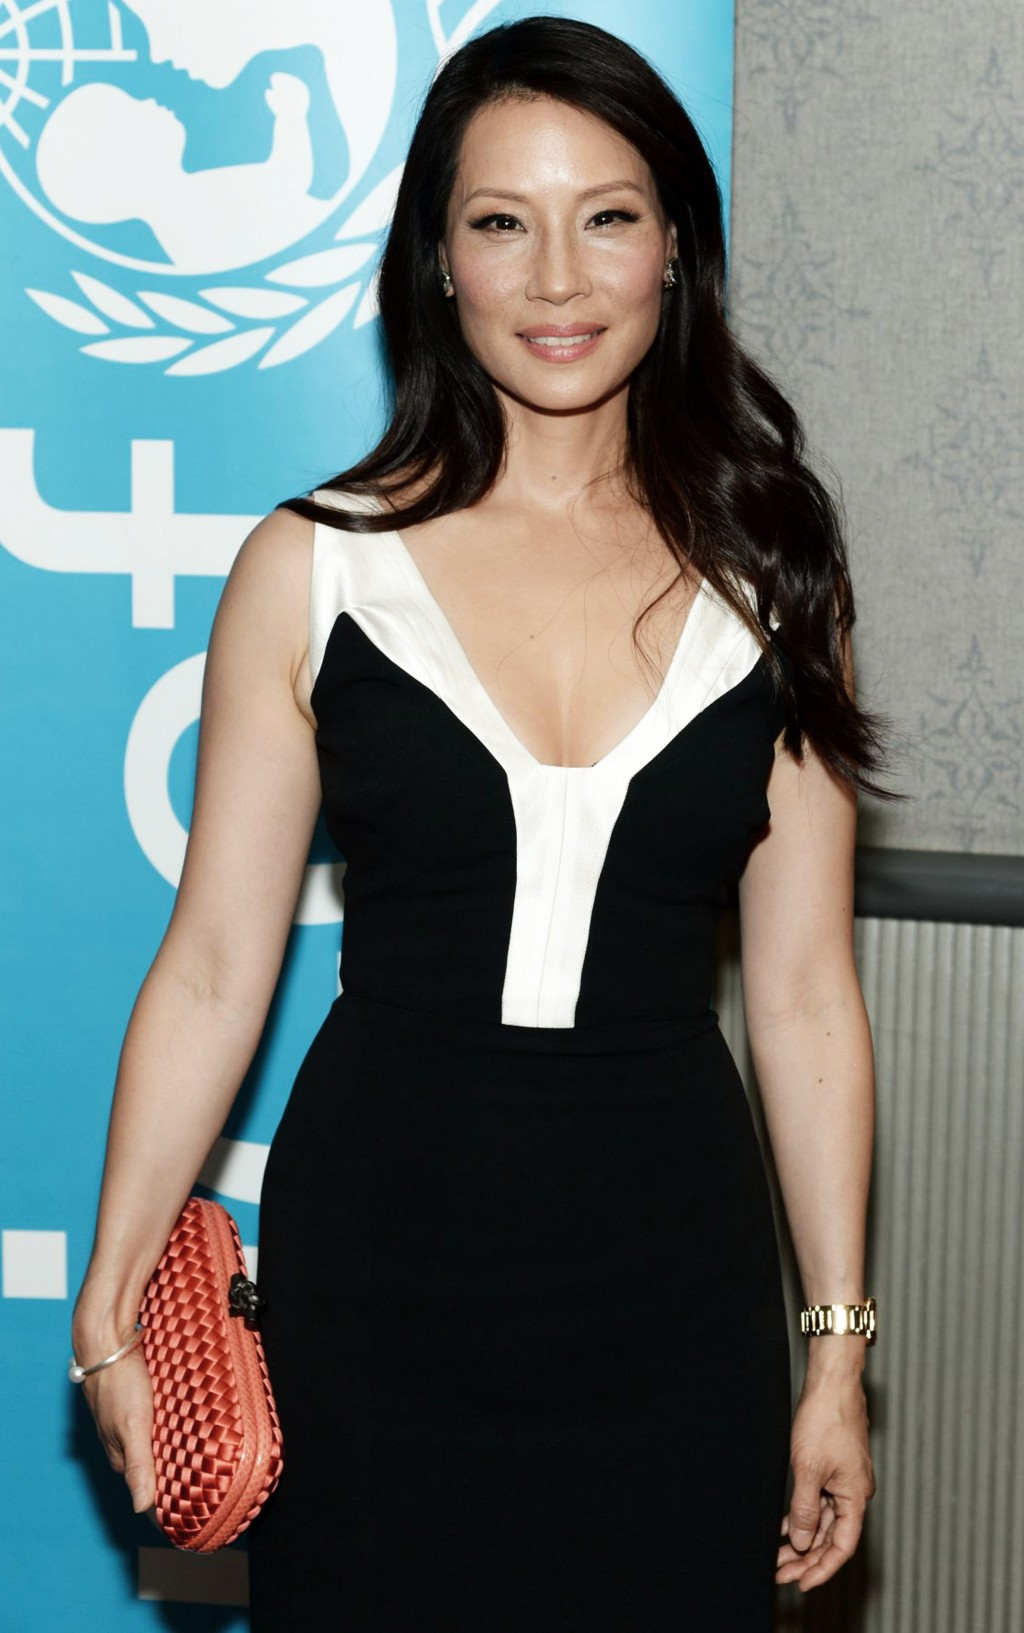 Nữ diễn viên Lucy Liu xuất hiện tại lễ công chiếu bộ phim Meena